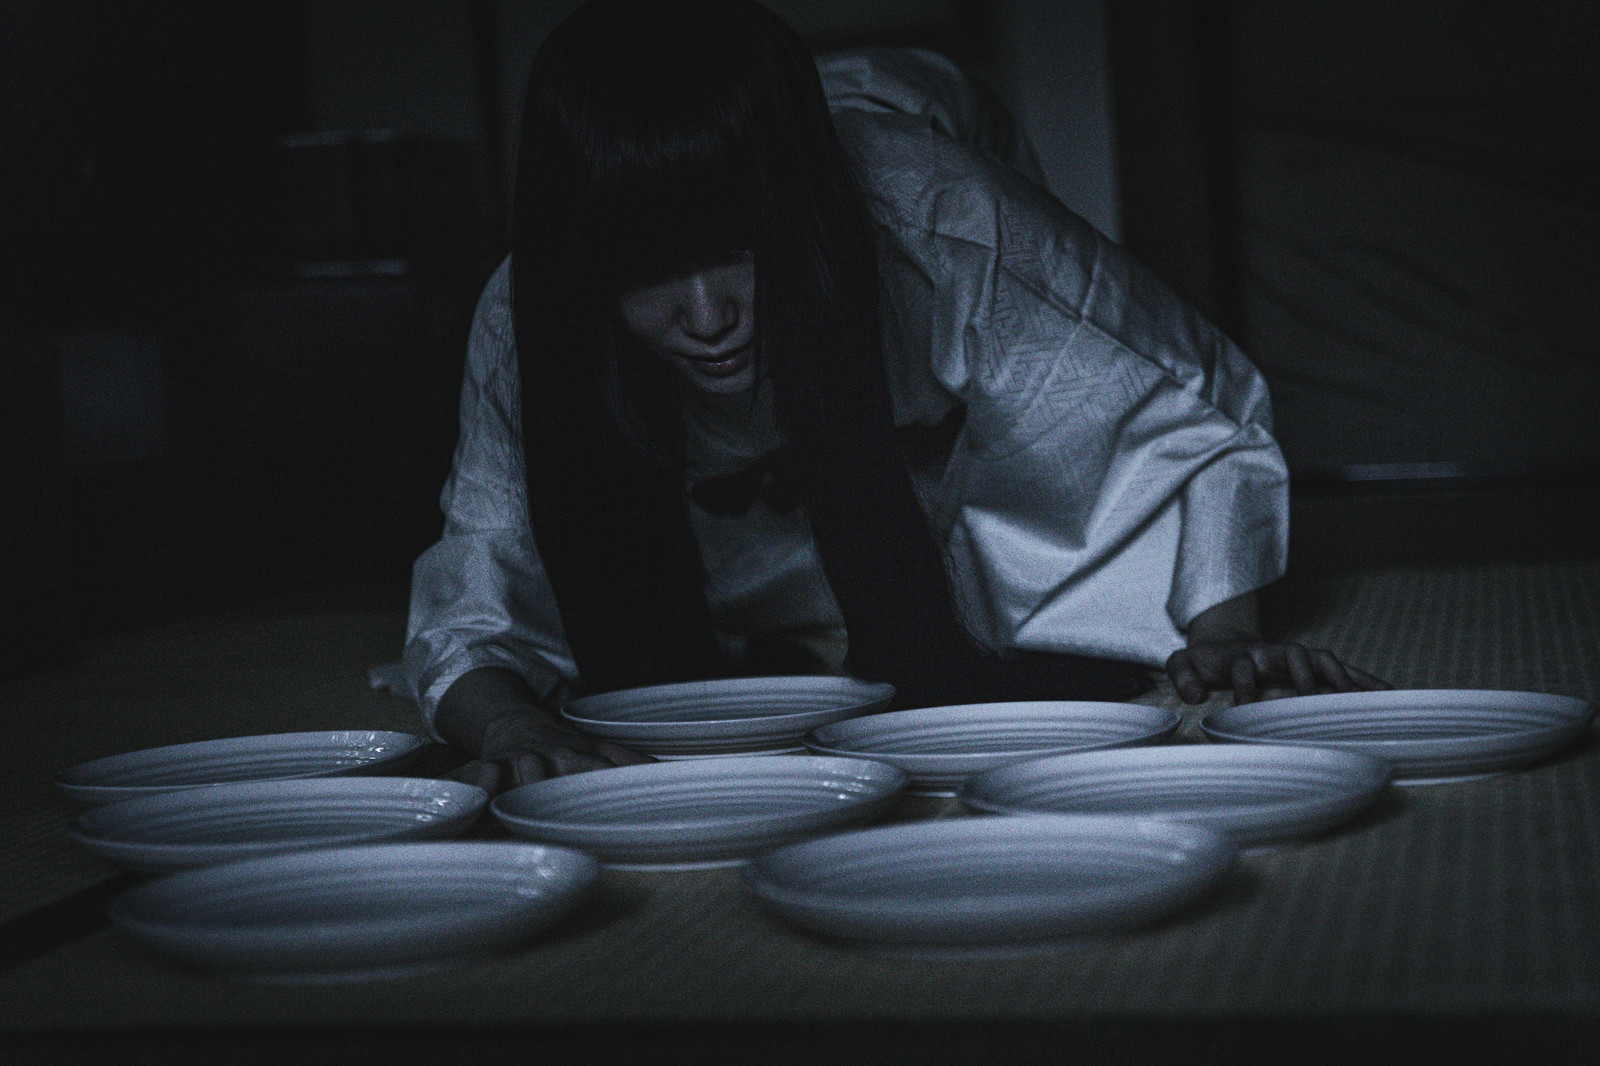 「深夜の棚卸し作業(どうしても在庫が一枚合わない)」の写真[モデル:緋真煉]